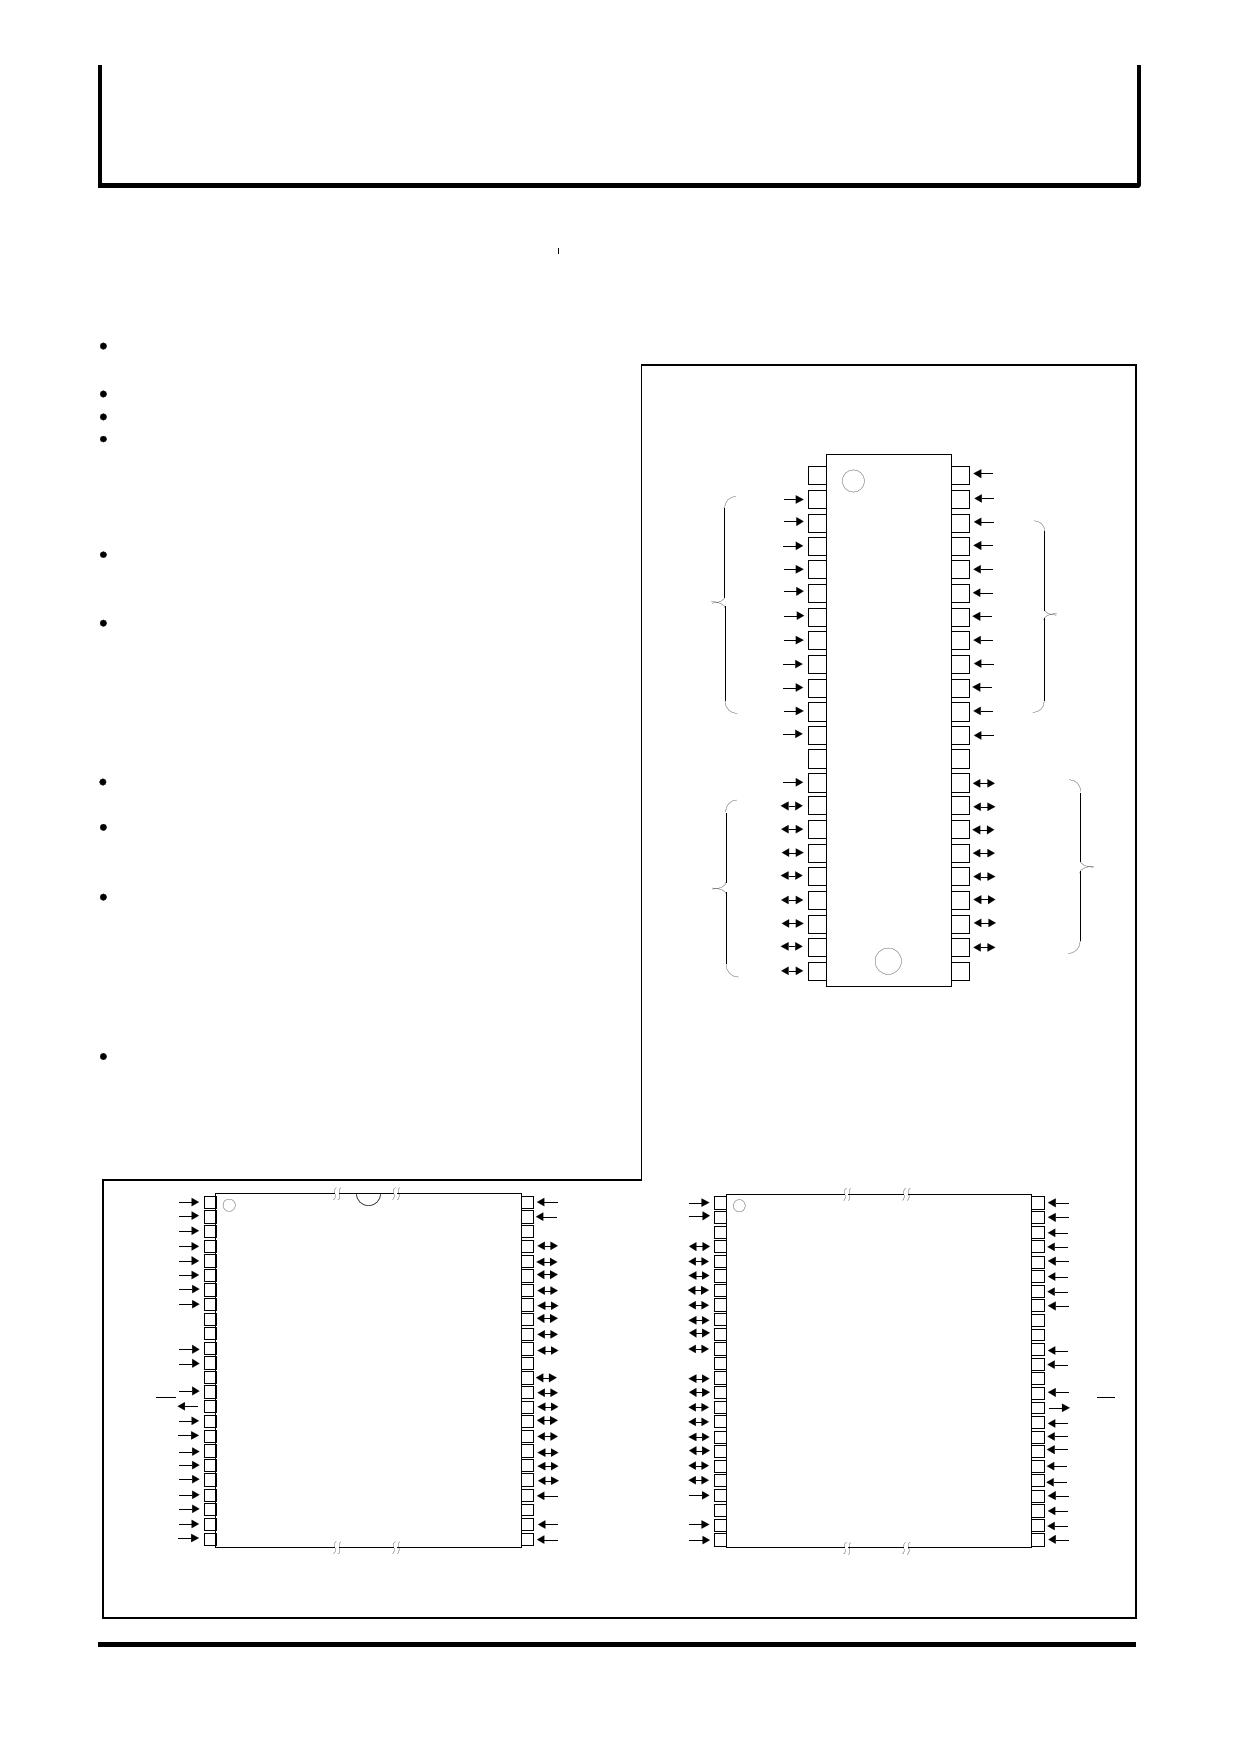 M5M29FB800VP-10 datasheet, circuit